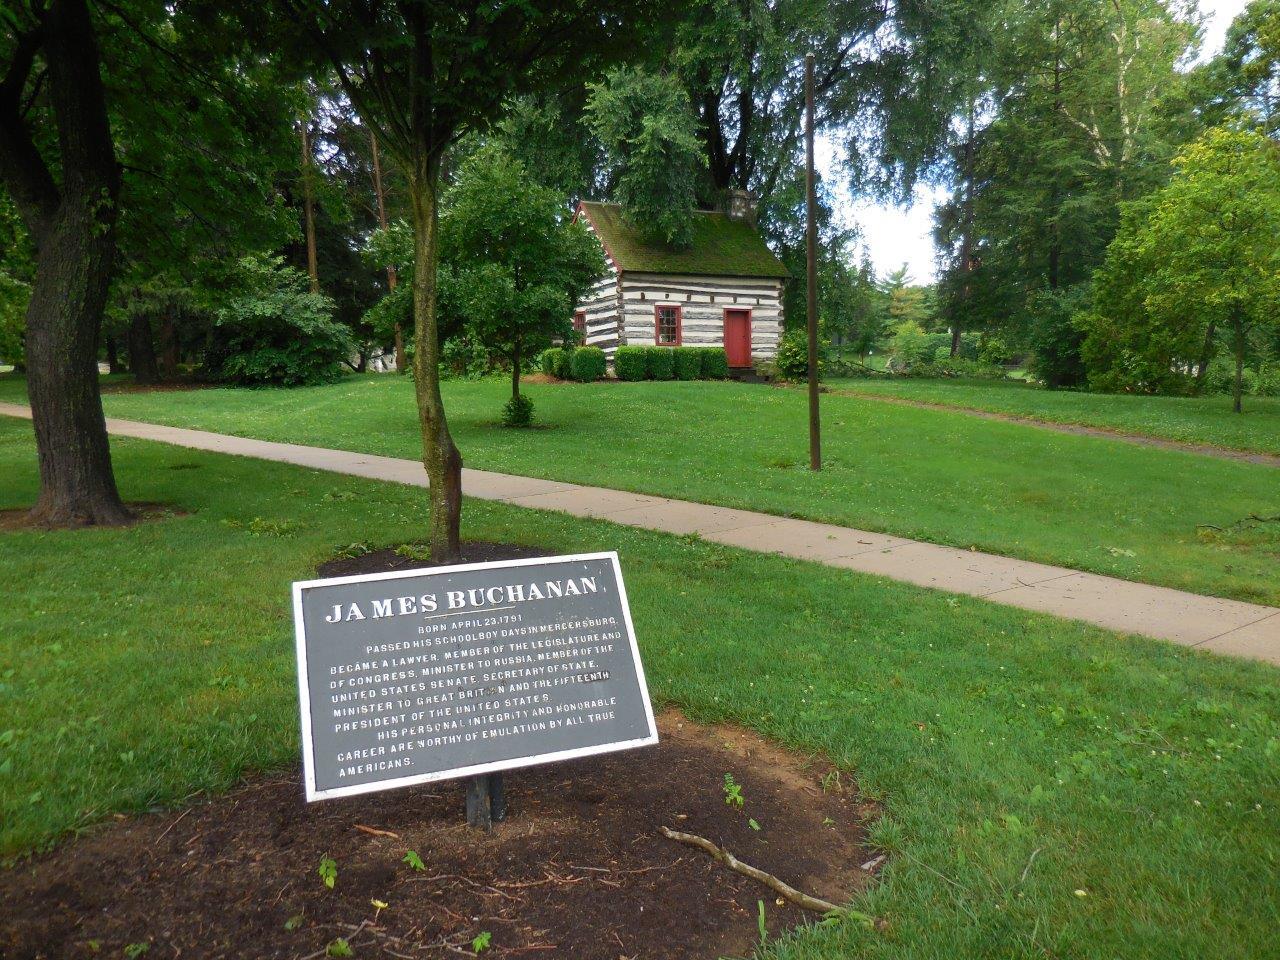 James Buchanan cabin in Mercersburg, Pennsylvania